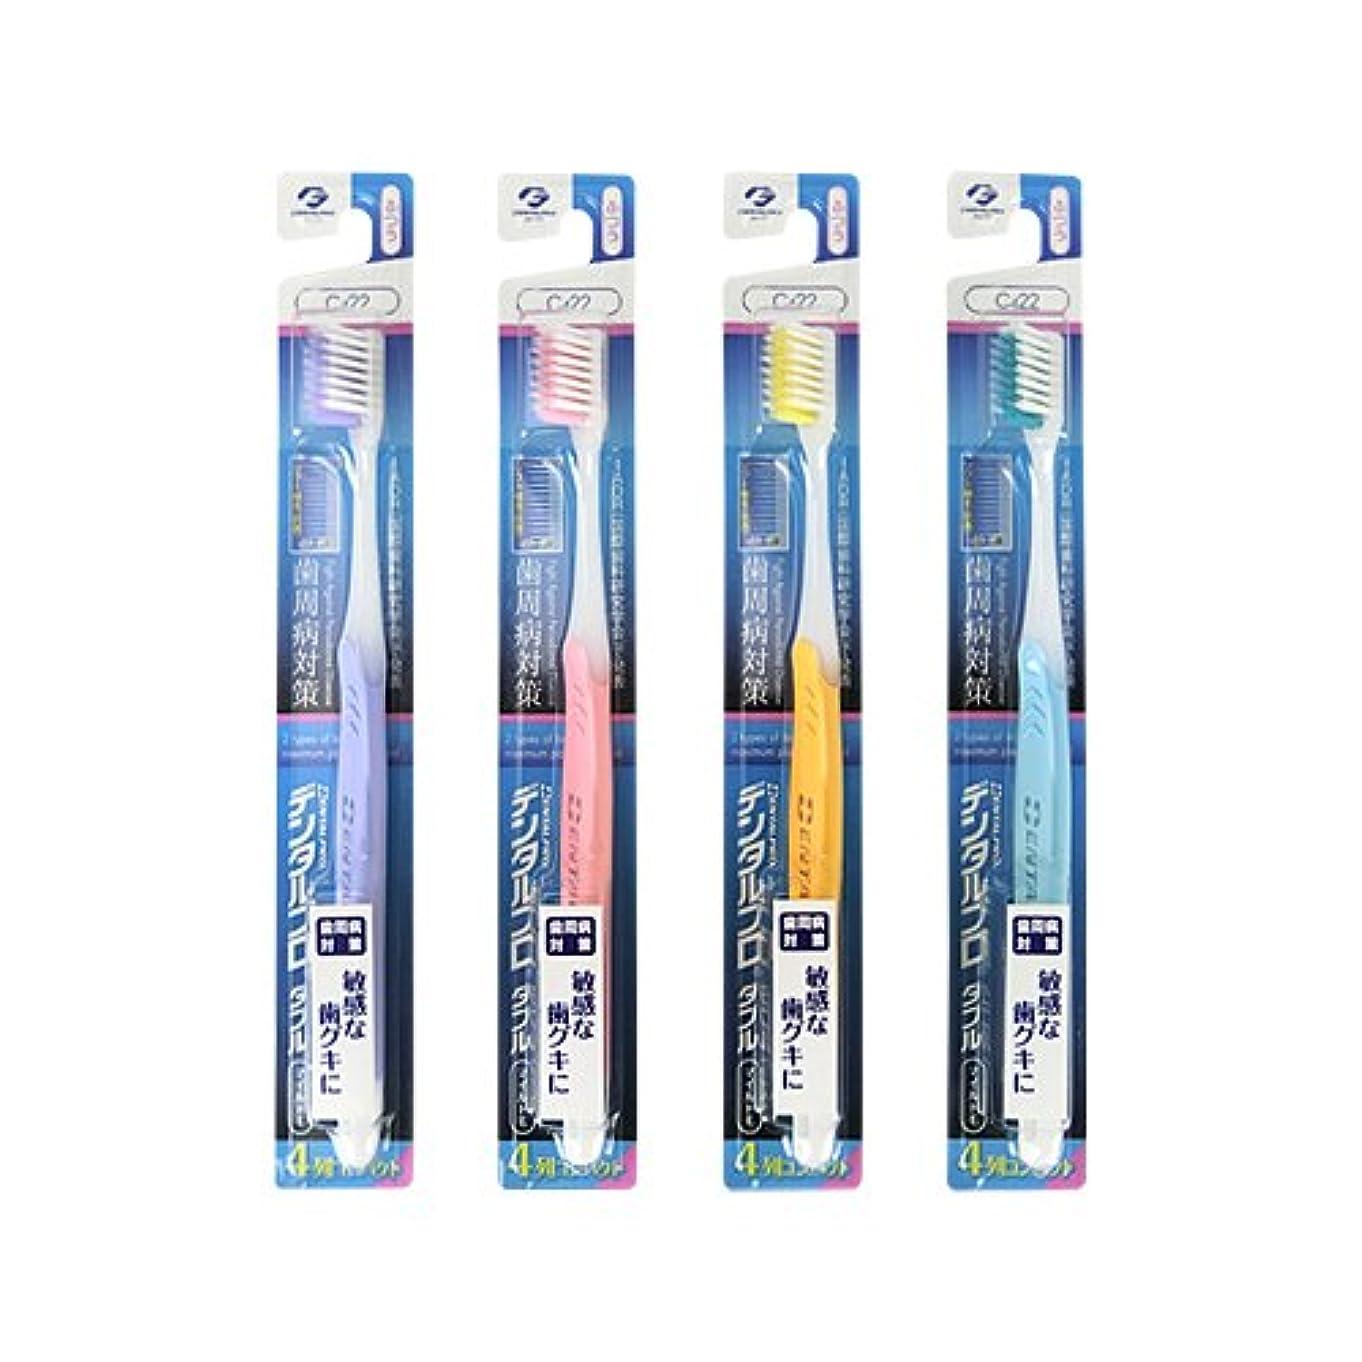 氏上へに関してデンタルプロ ダブル マイルド 4列 歯ブラシ 5本 (ふつう 色はおまかせ)